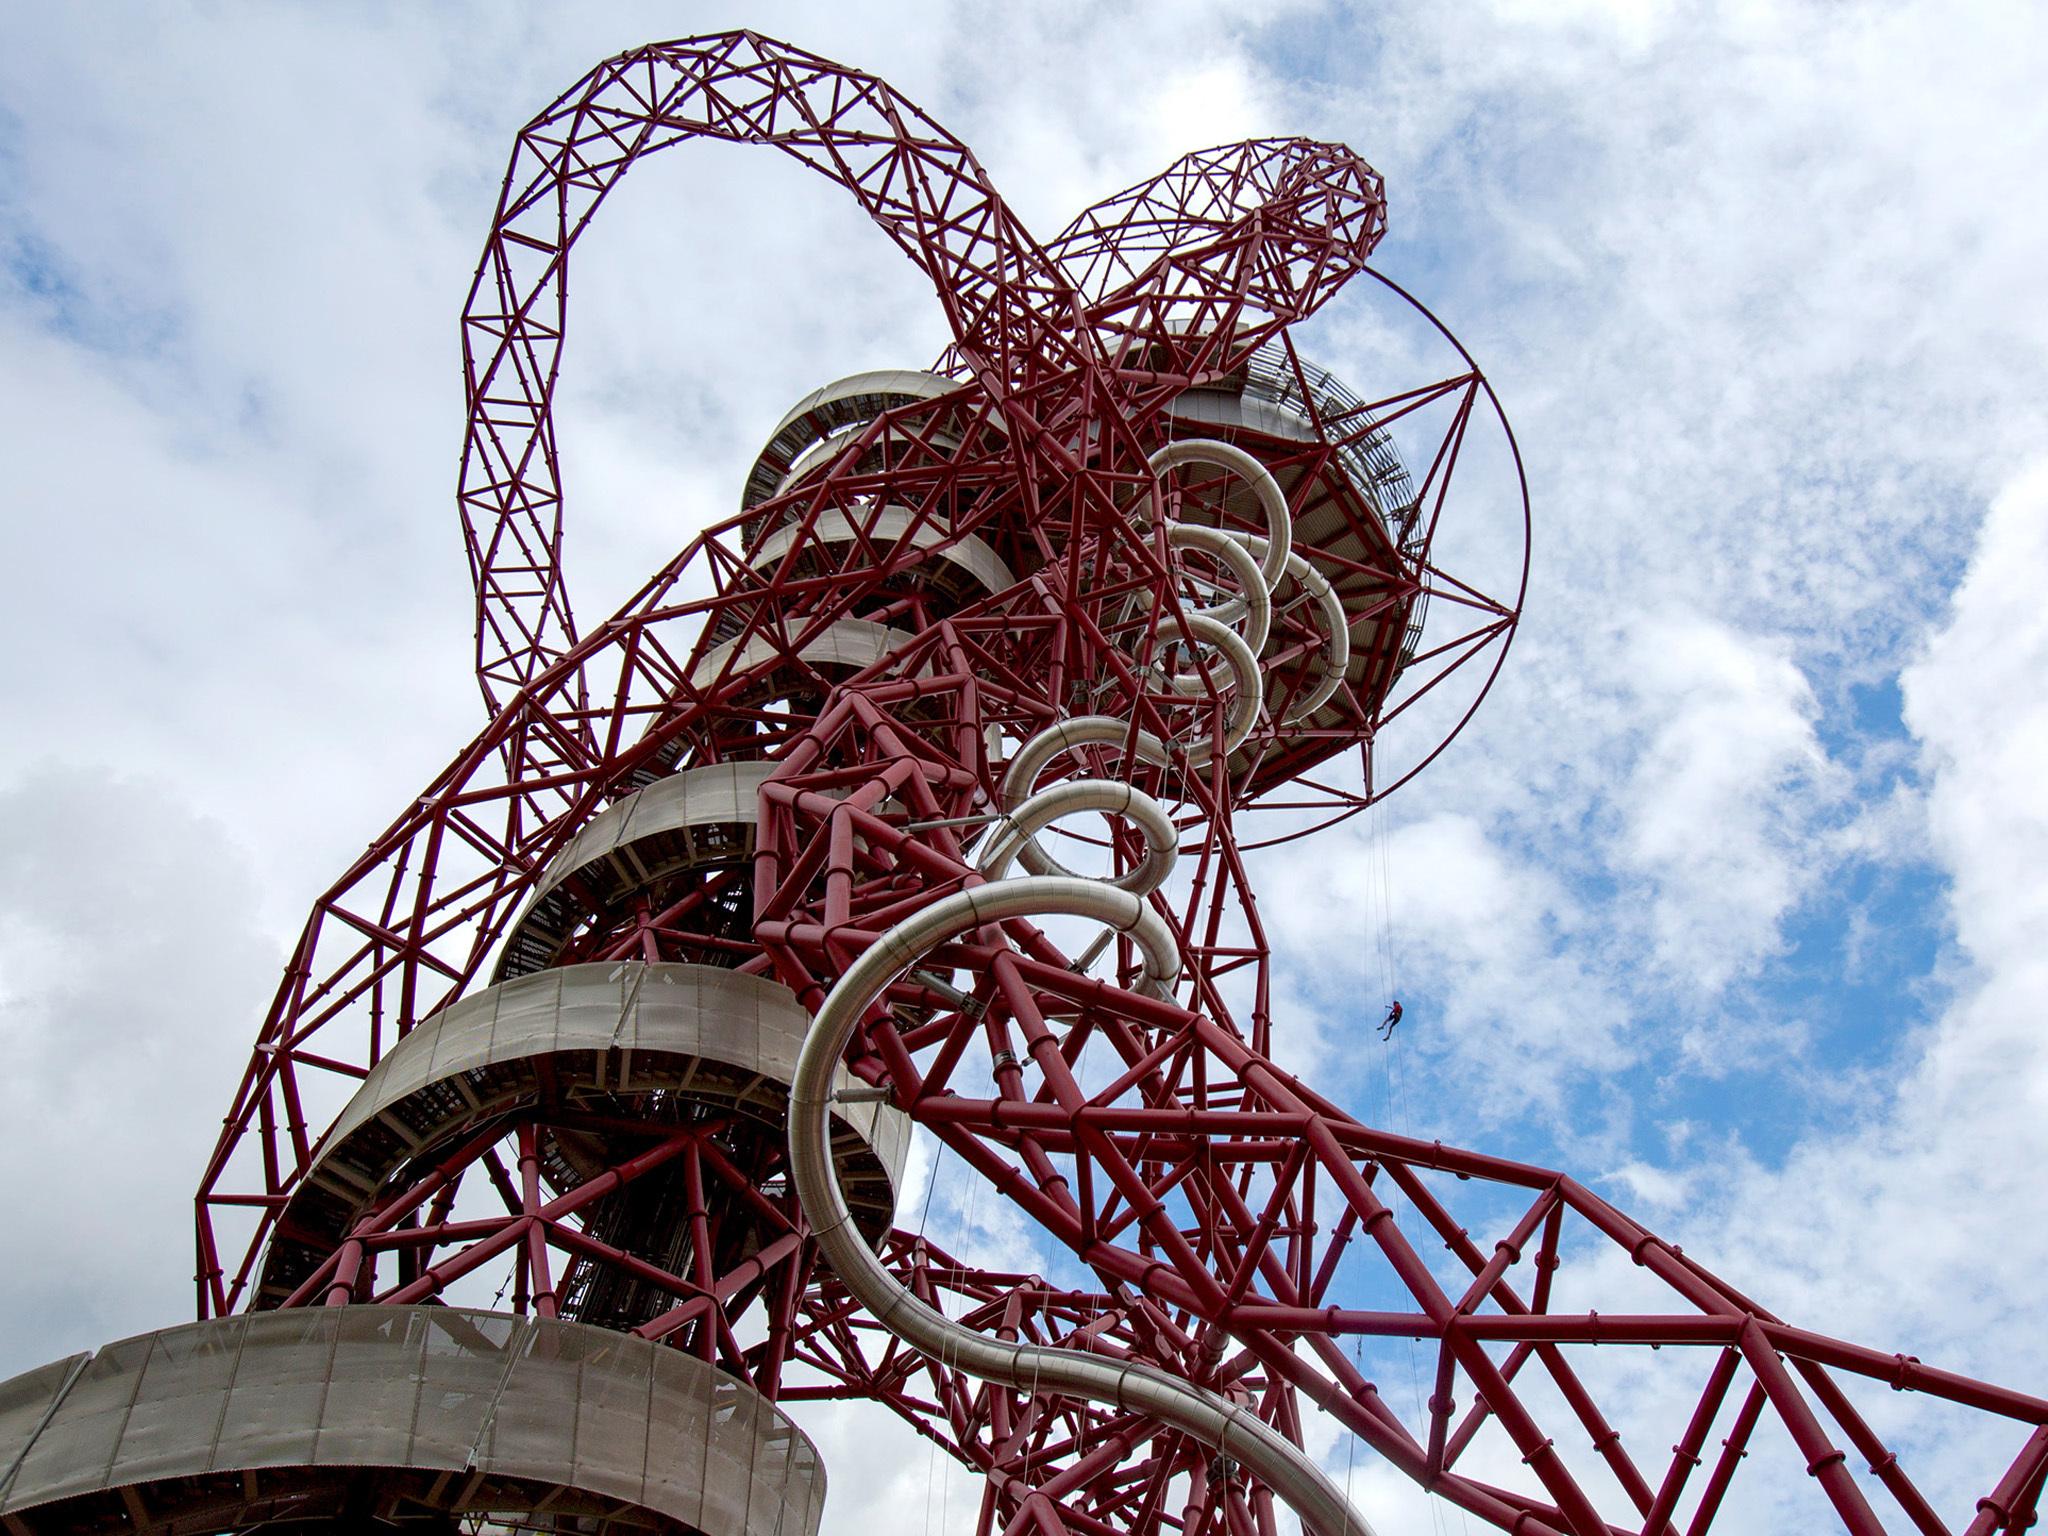 14 adventurous activities in London to get your adrenaline pumping